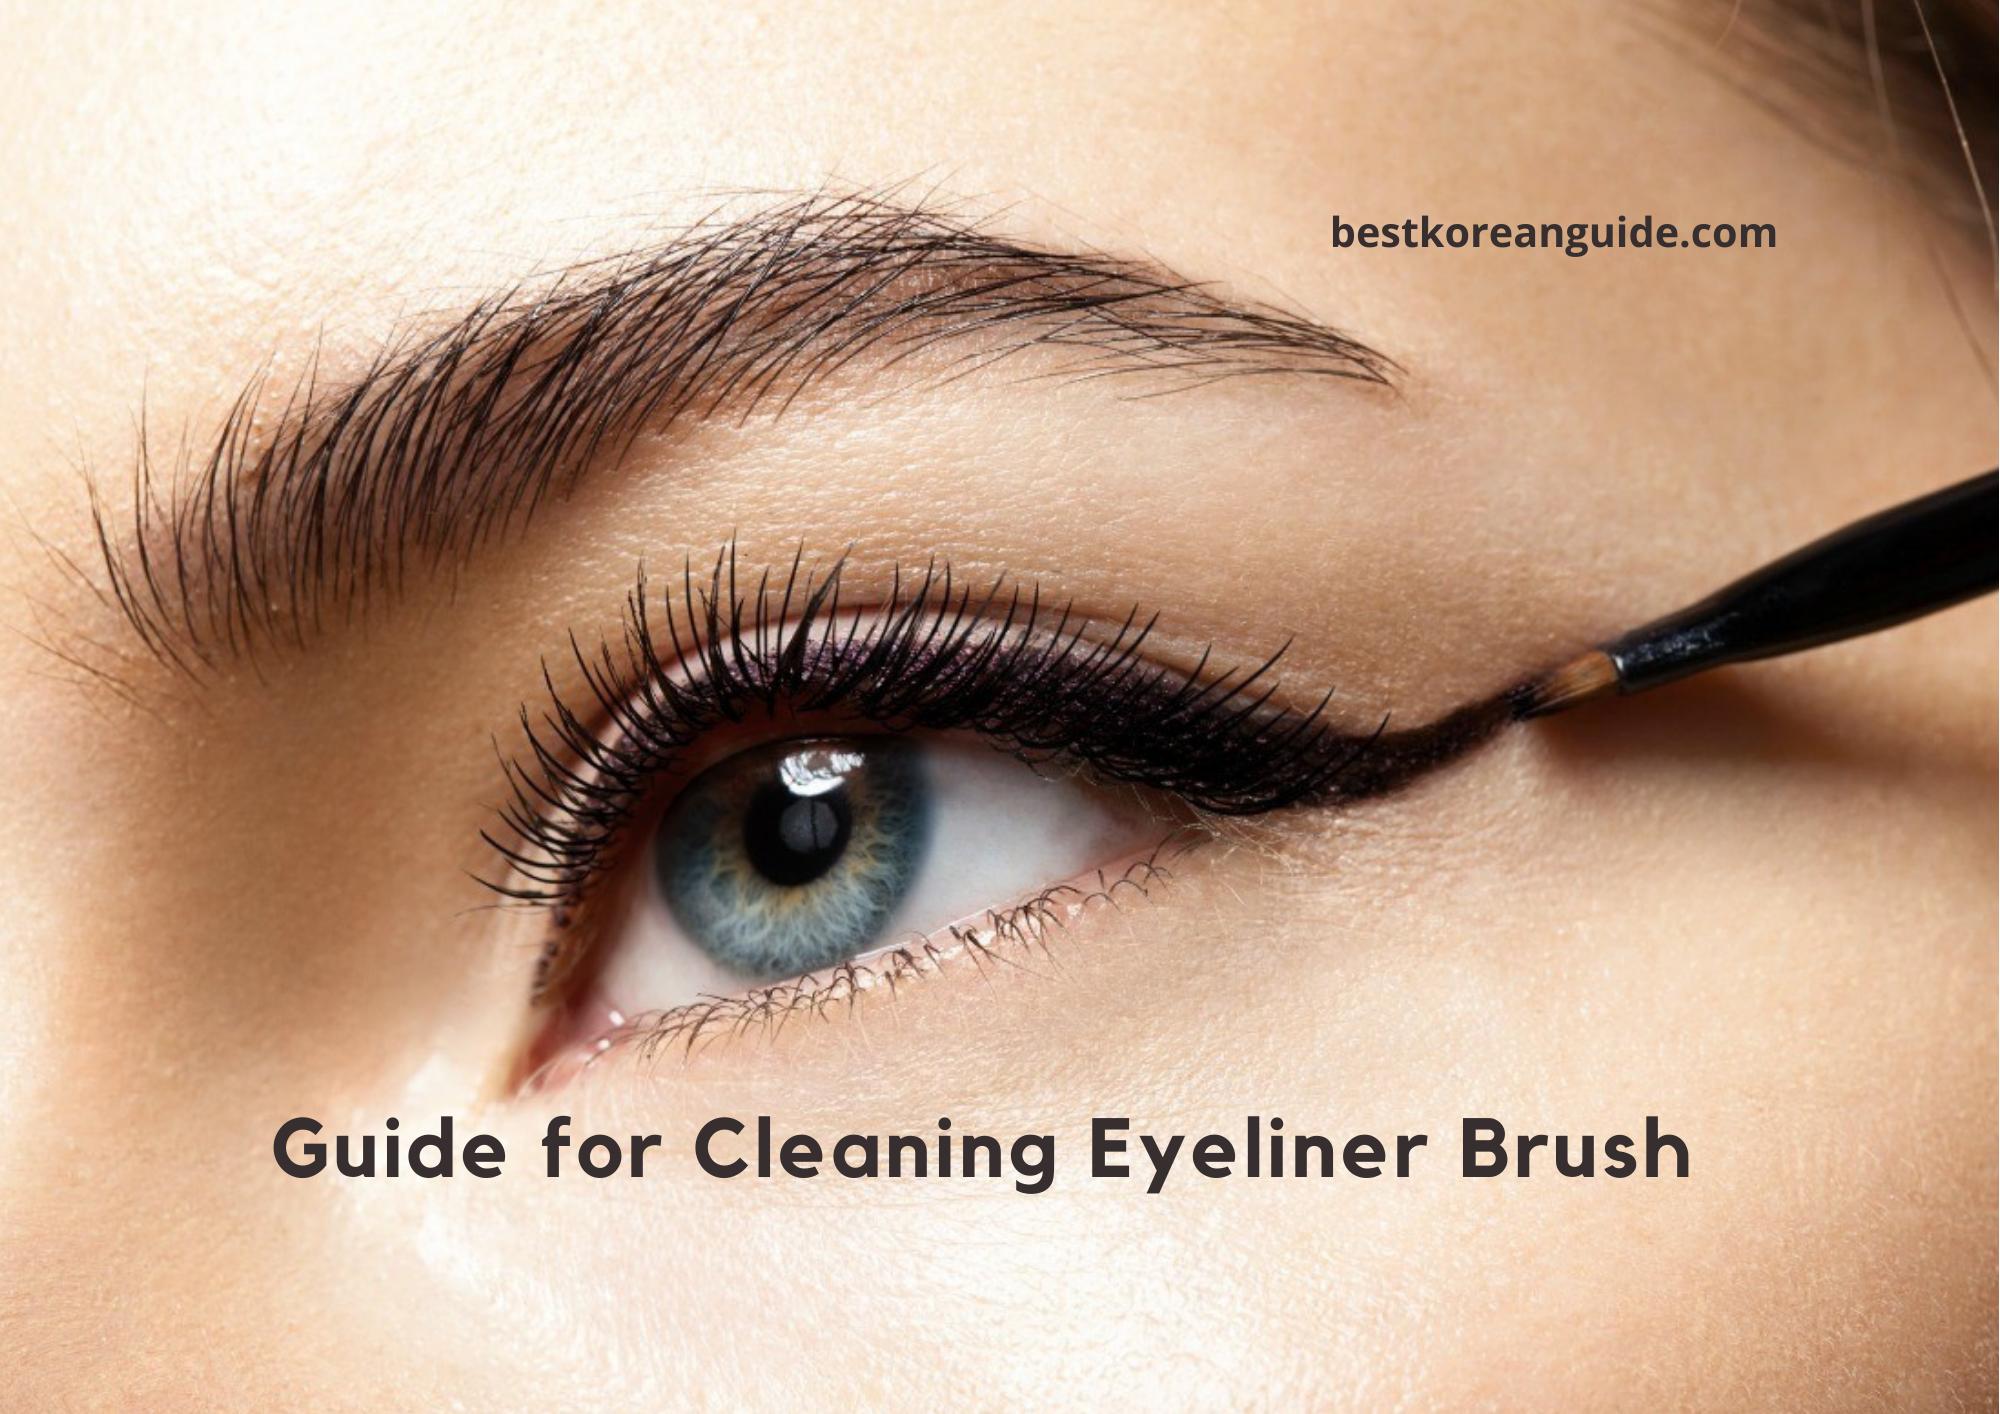 Guide for Cleaning Eyeliner Brush